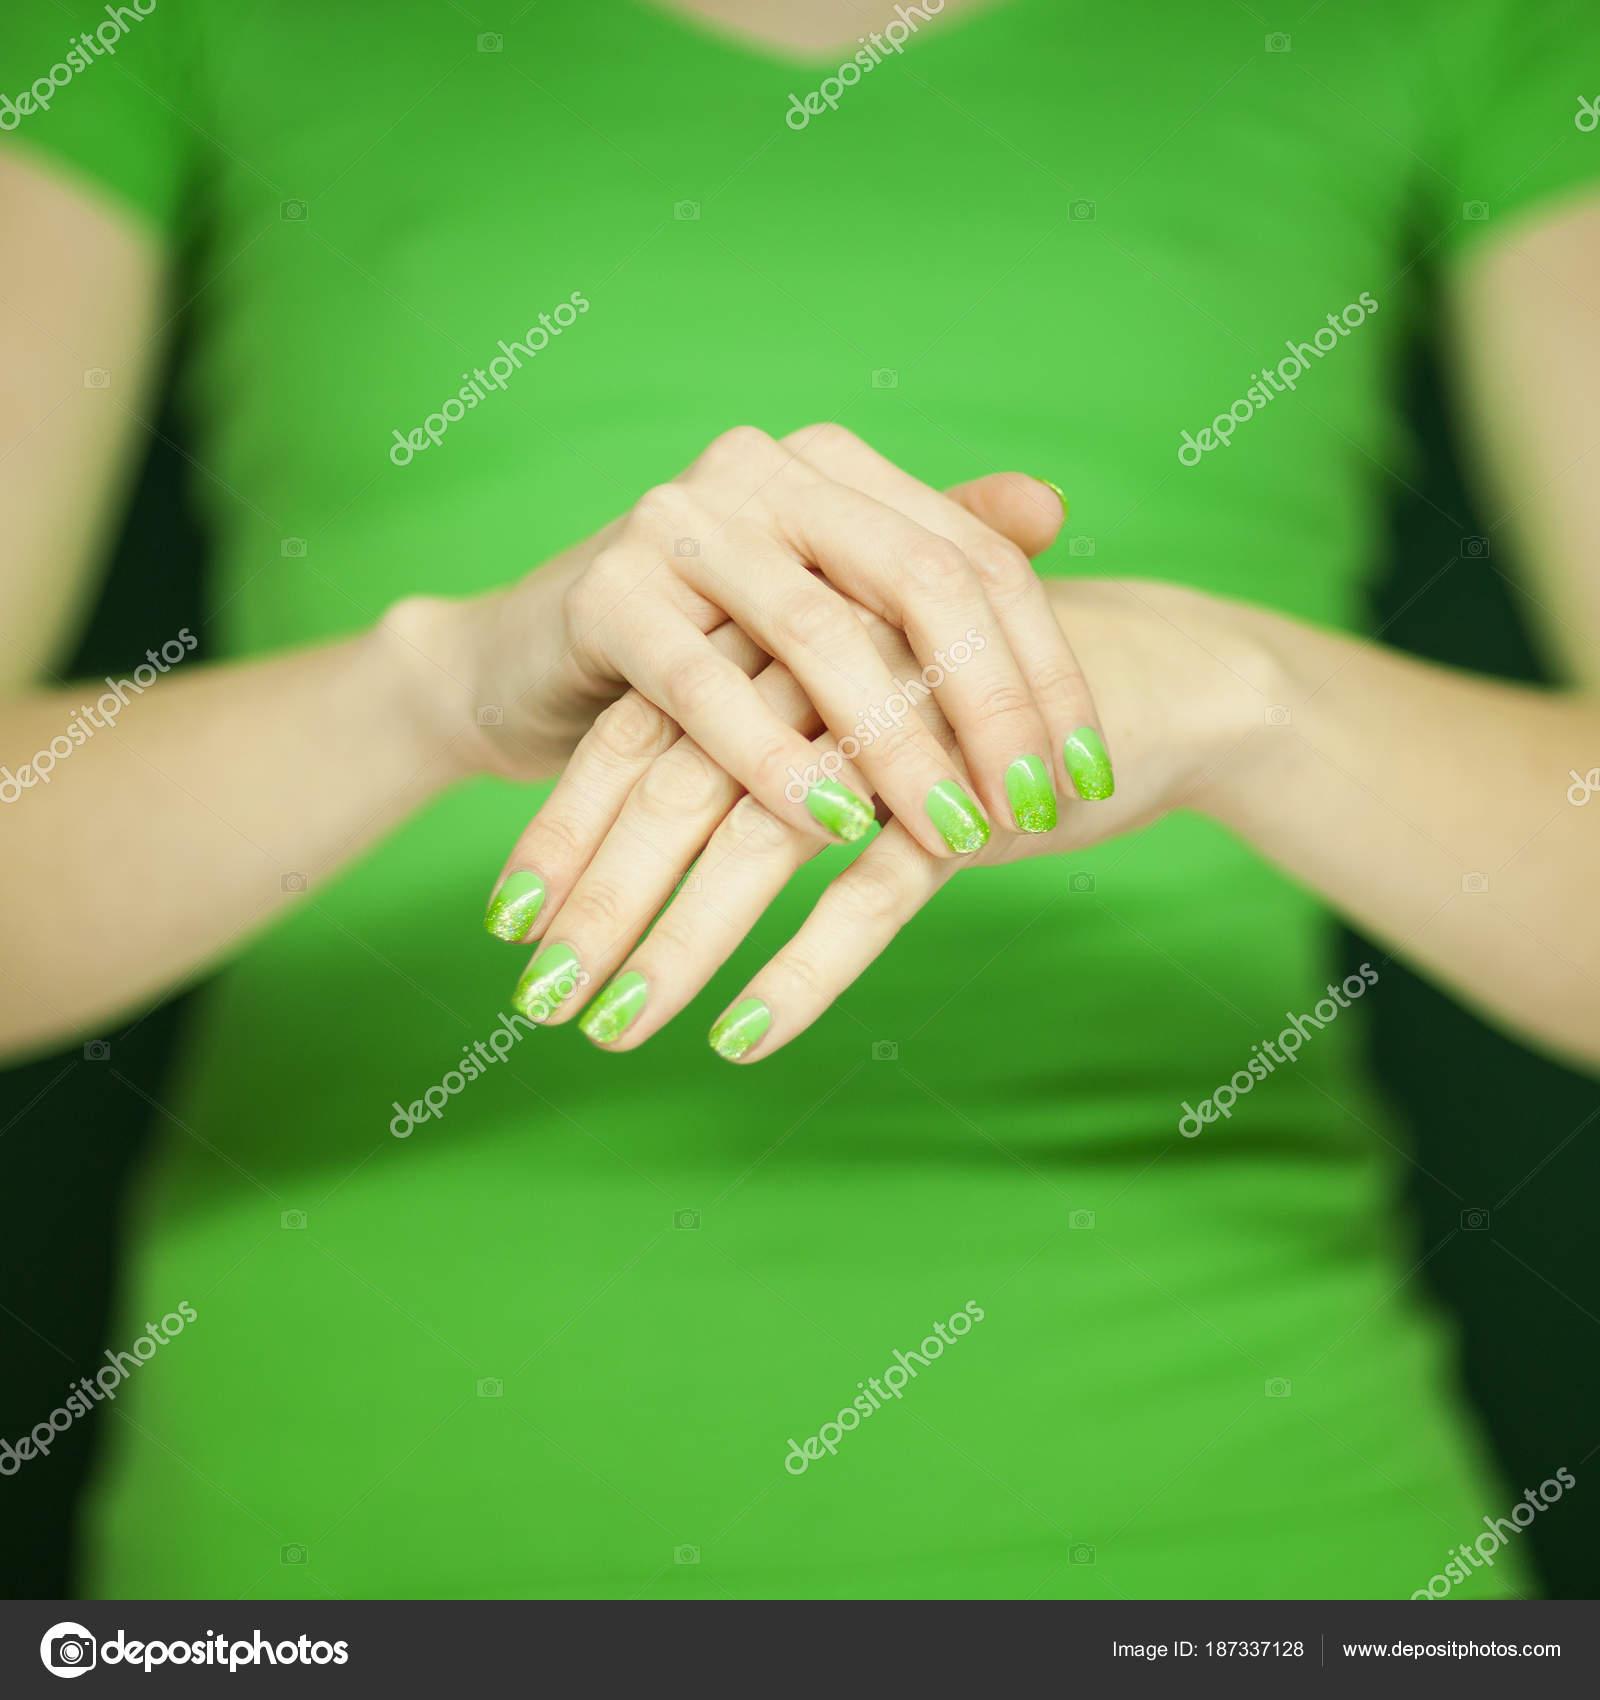 Hermosa Mujer Camisa Verde Mostrando Sus Manos Con Esmalte Uñas ...